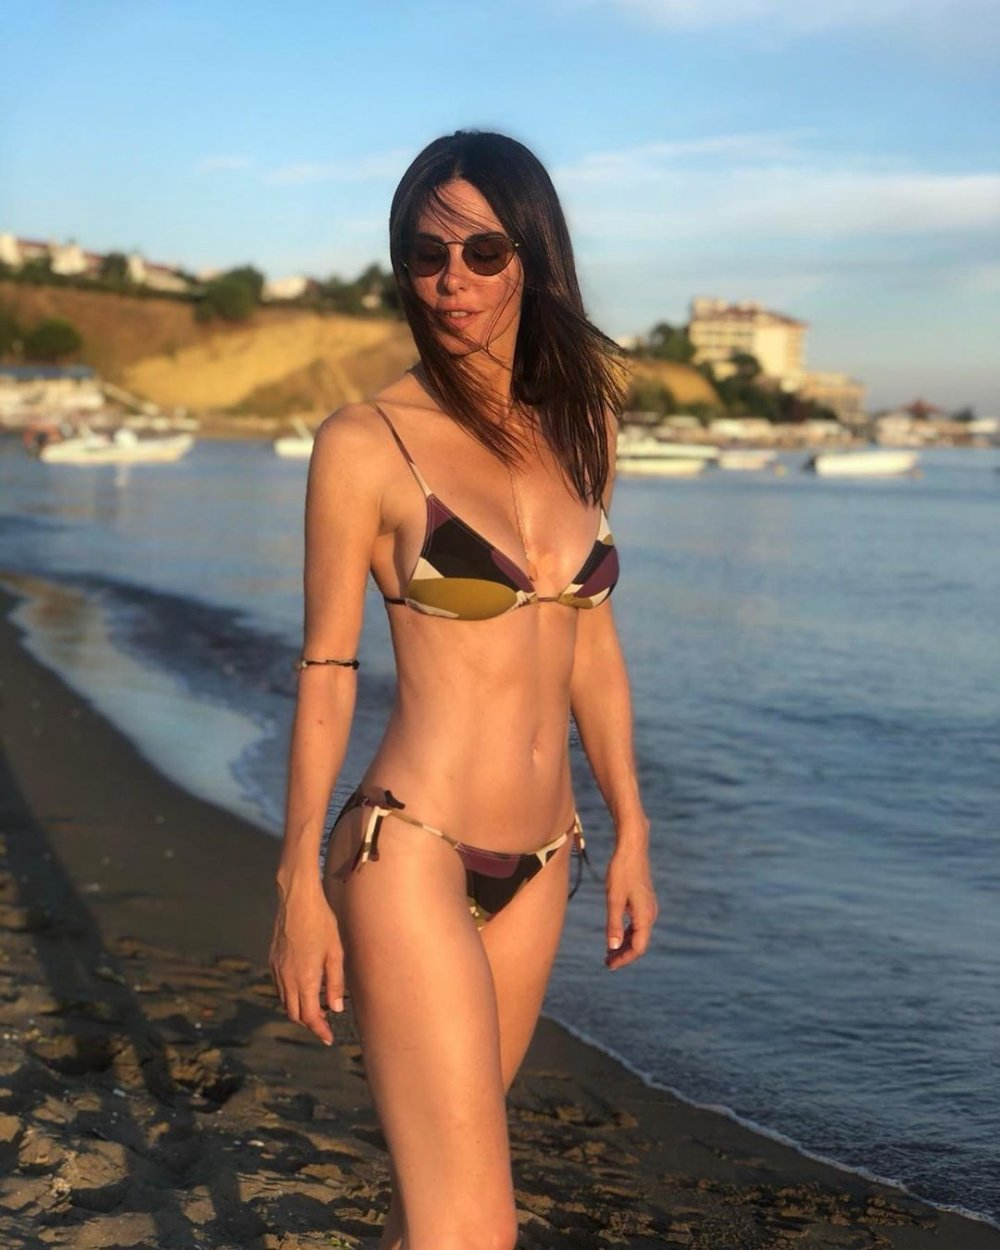 defne samyeli bikini plaj